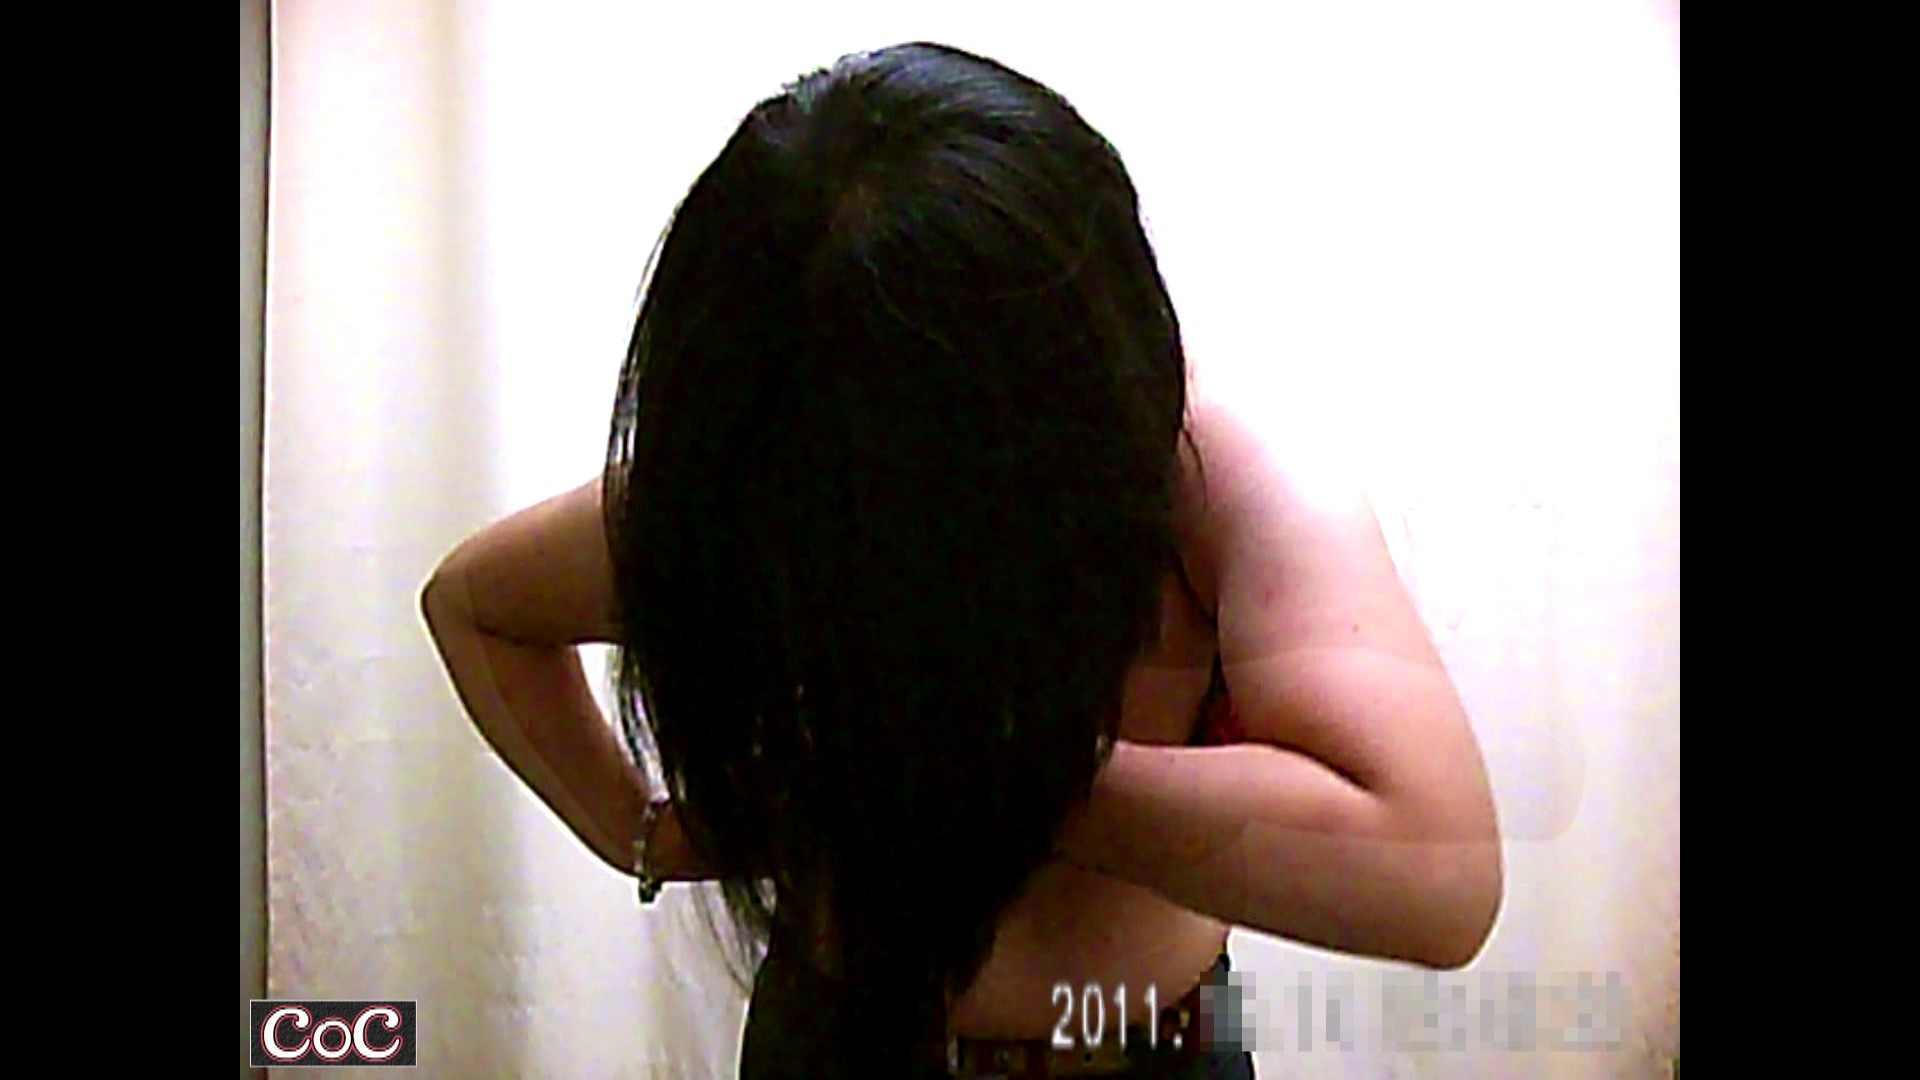 病院おもいっきり着替え! vol.59 乳首 隠し撮りセックス画像 34pic 18